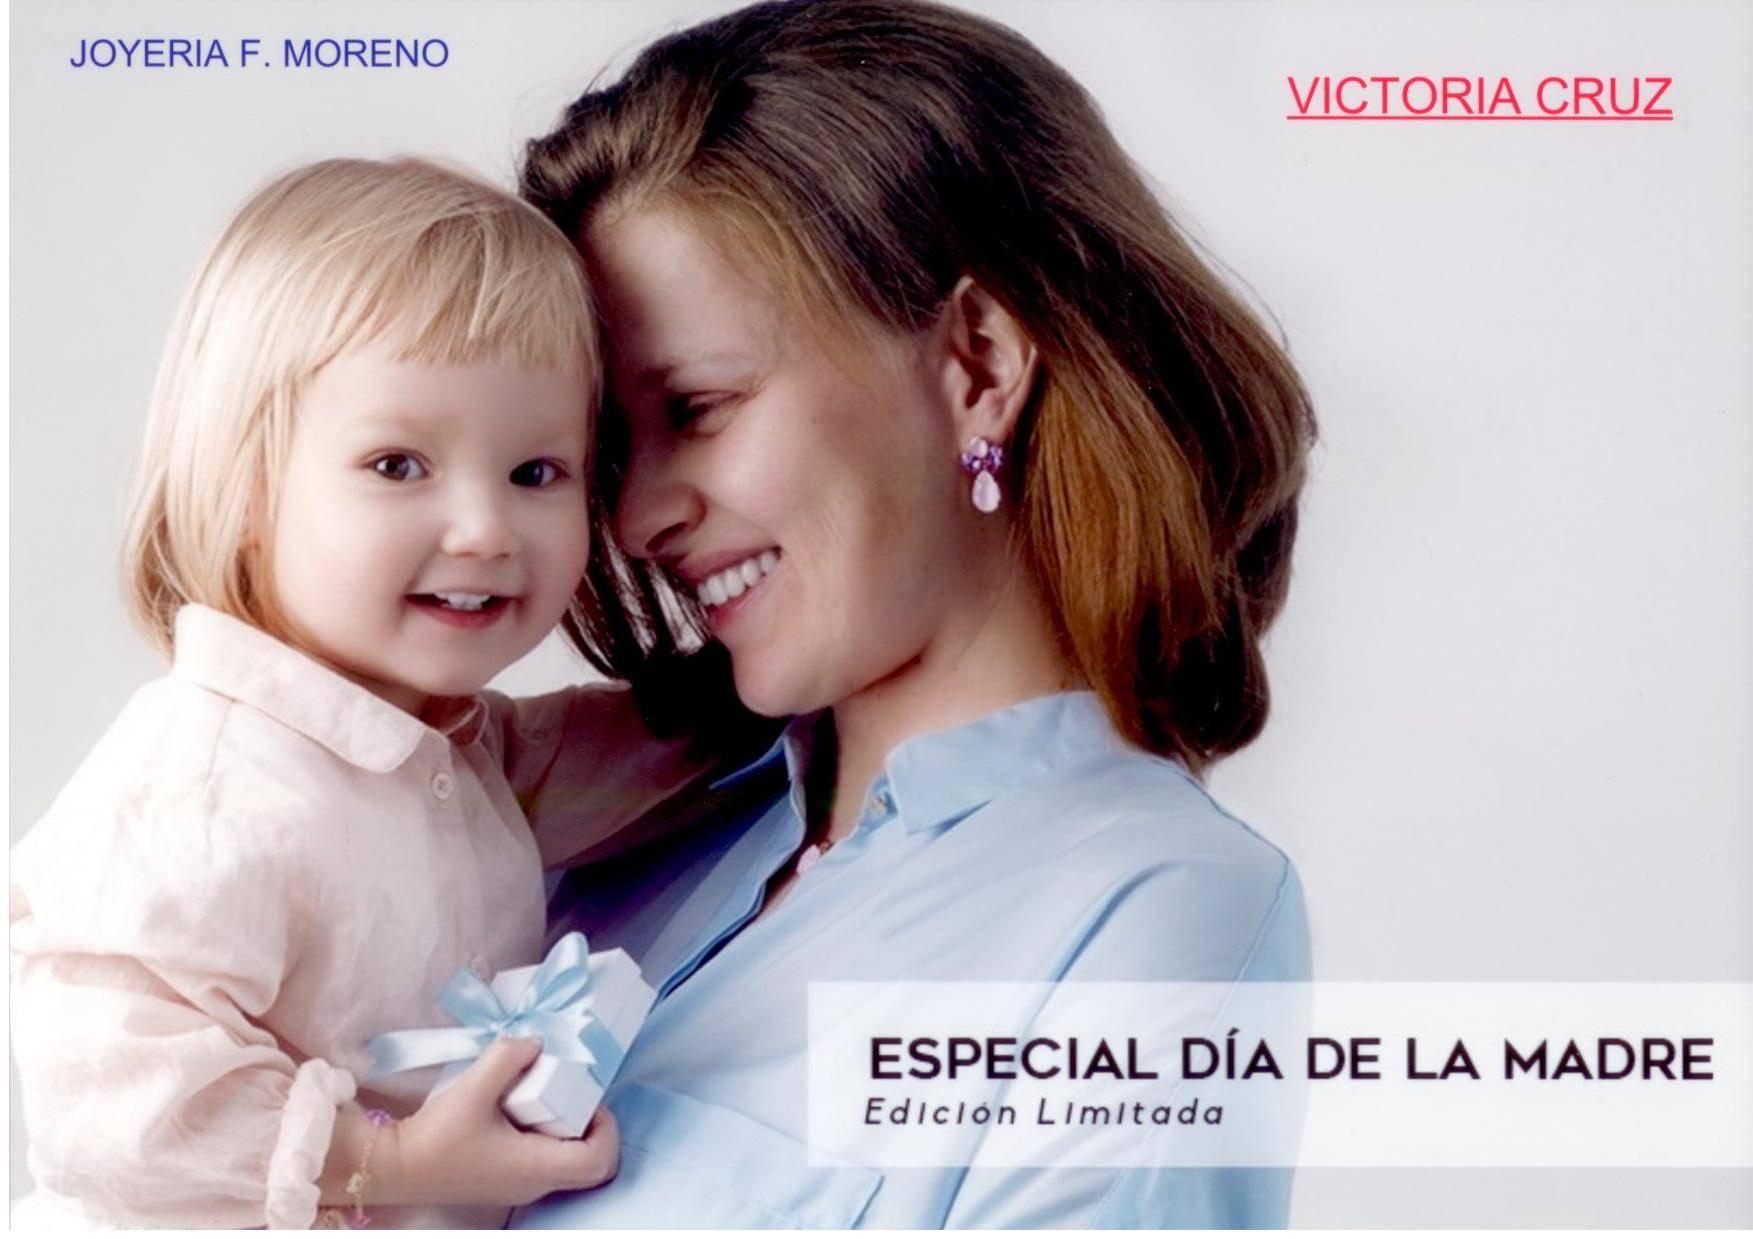 dia de la madre relojeria moreno herencia - Joyería – Relojería F. Moreno celebra el Día de la Madre en Herencia